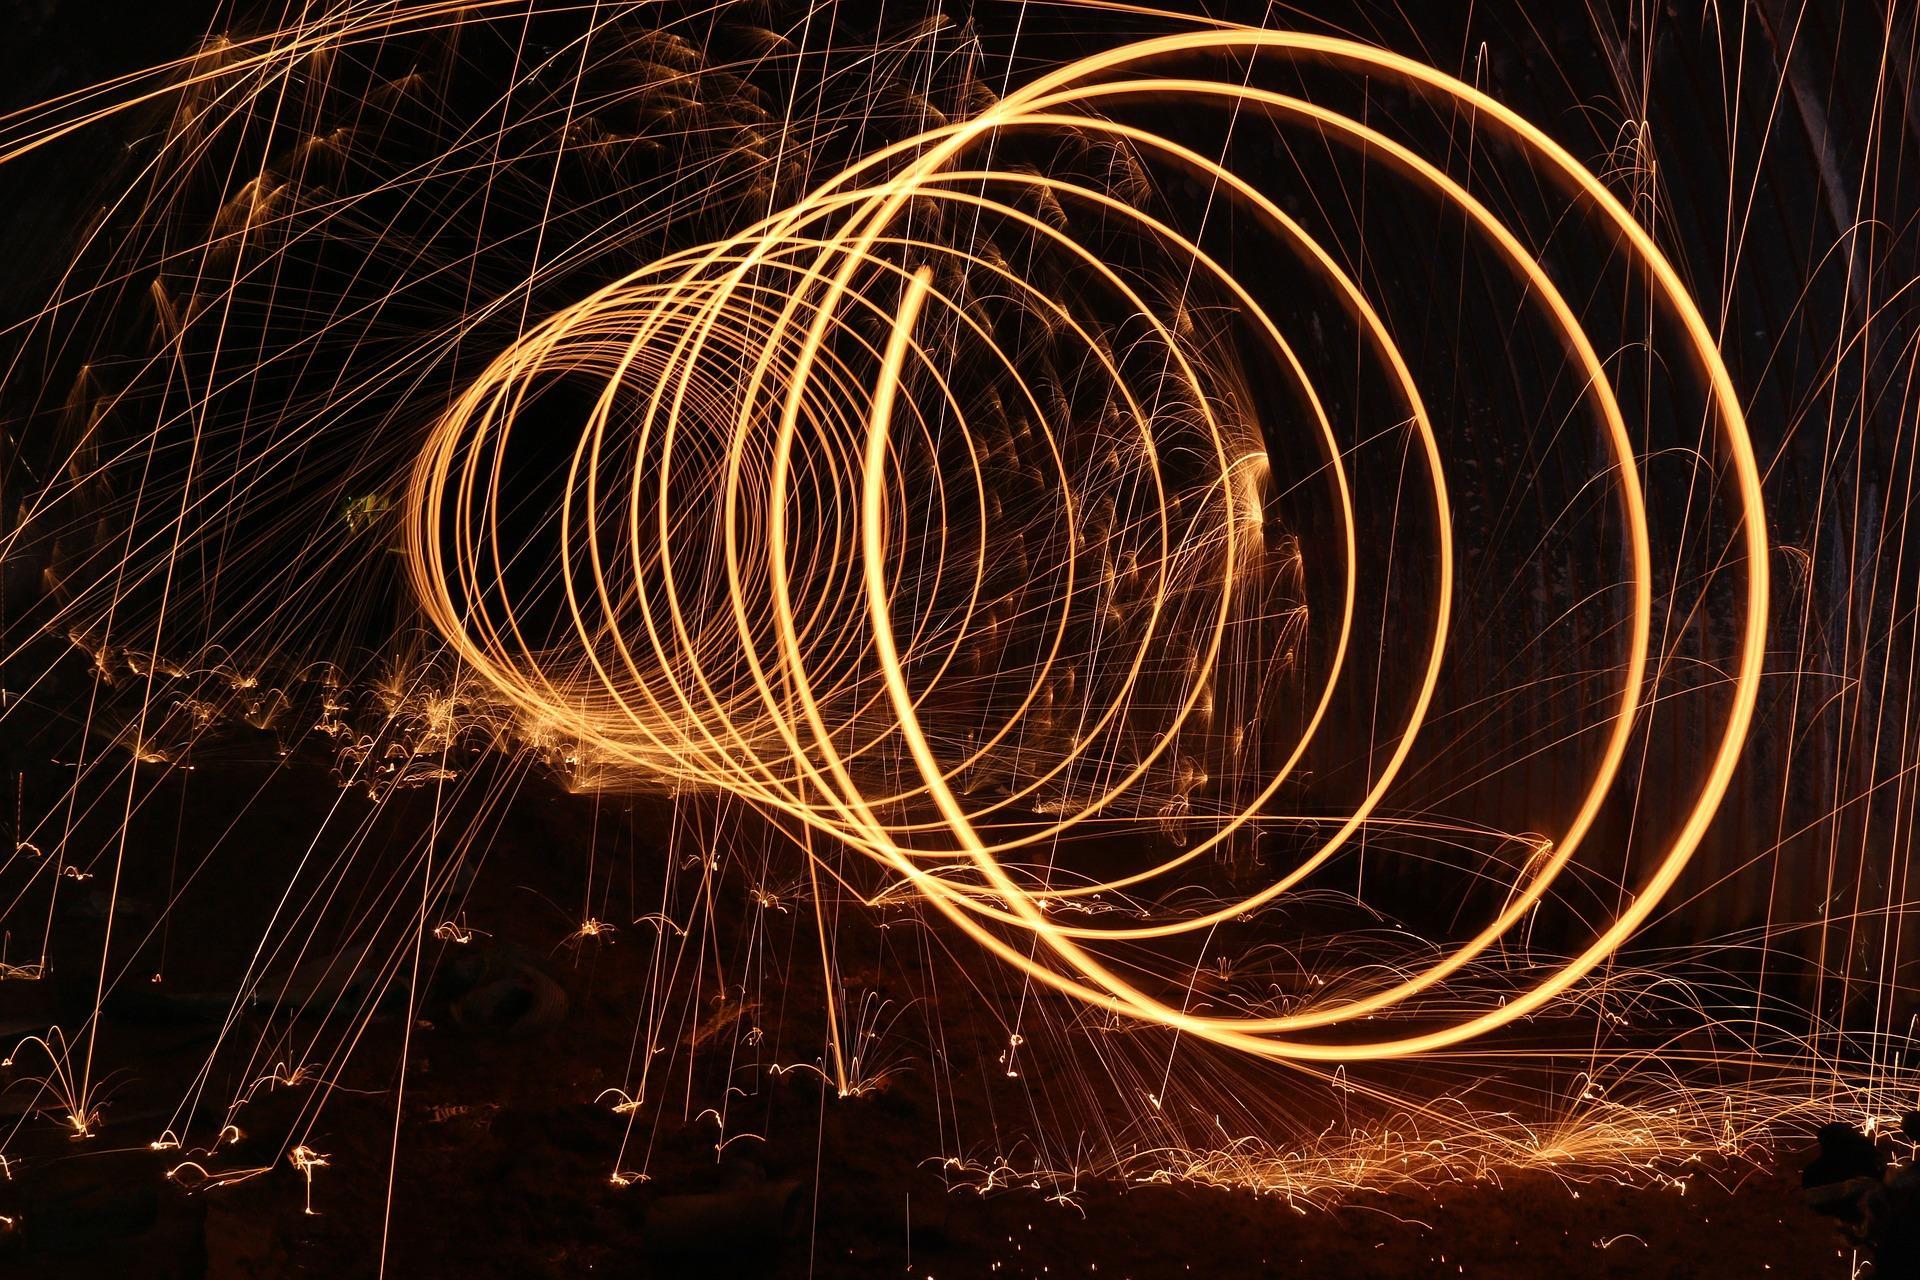 La Spirale de la Félicité Chaotique